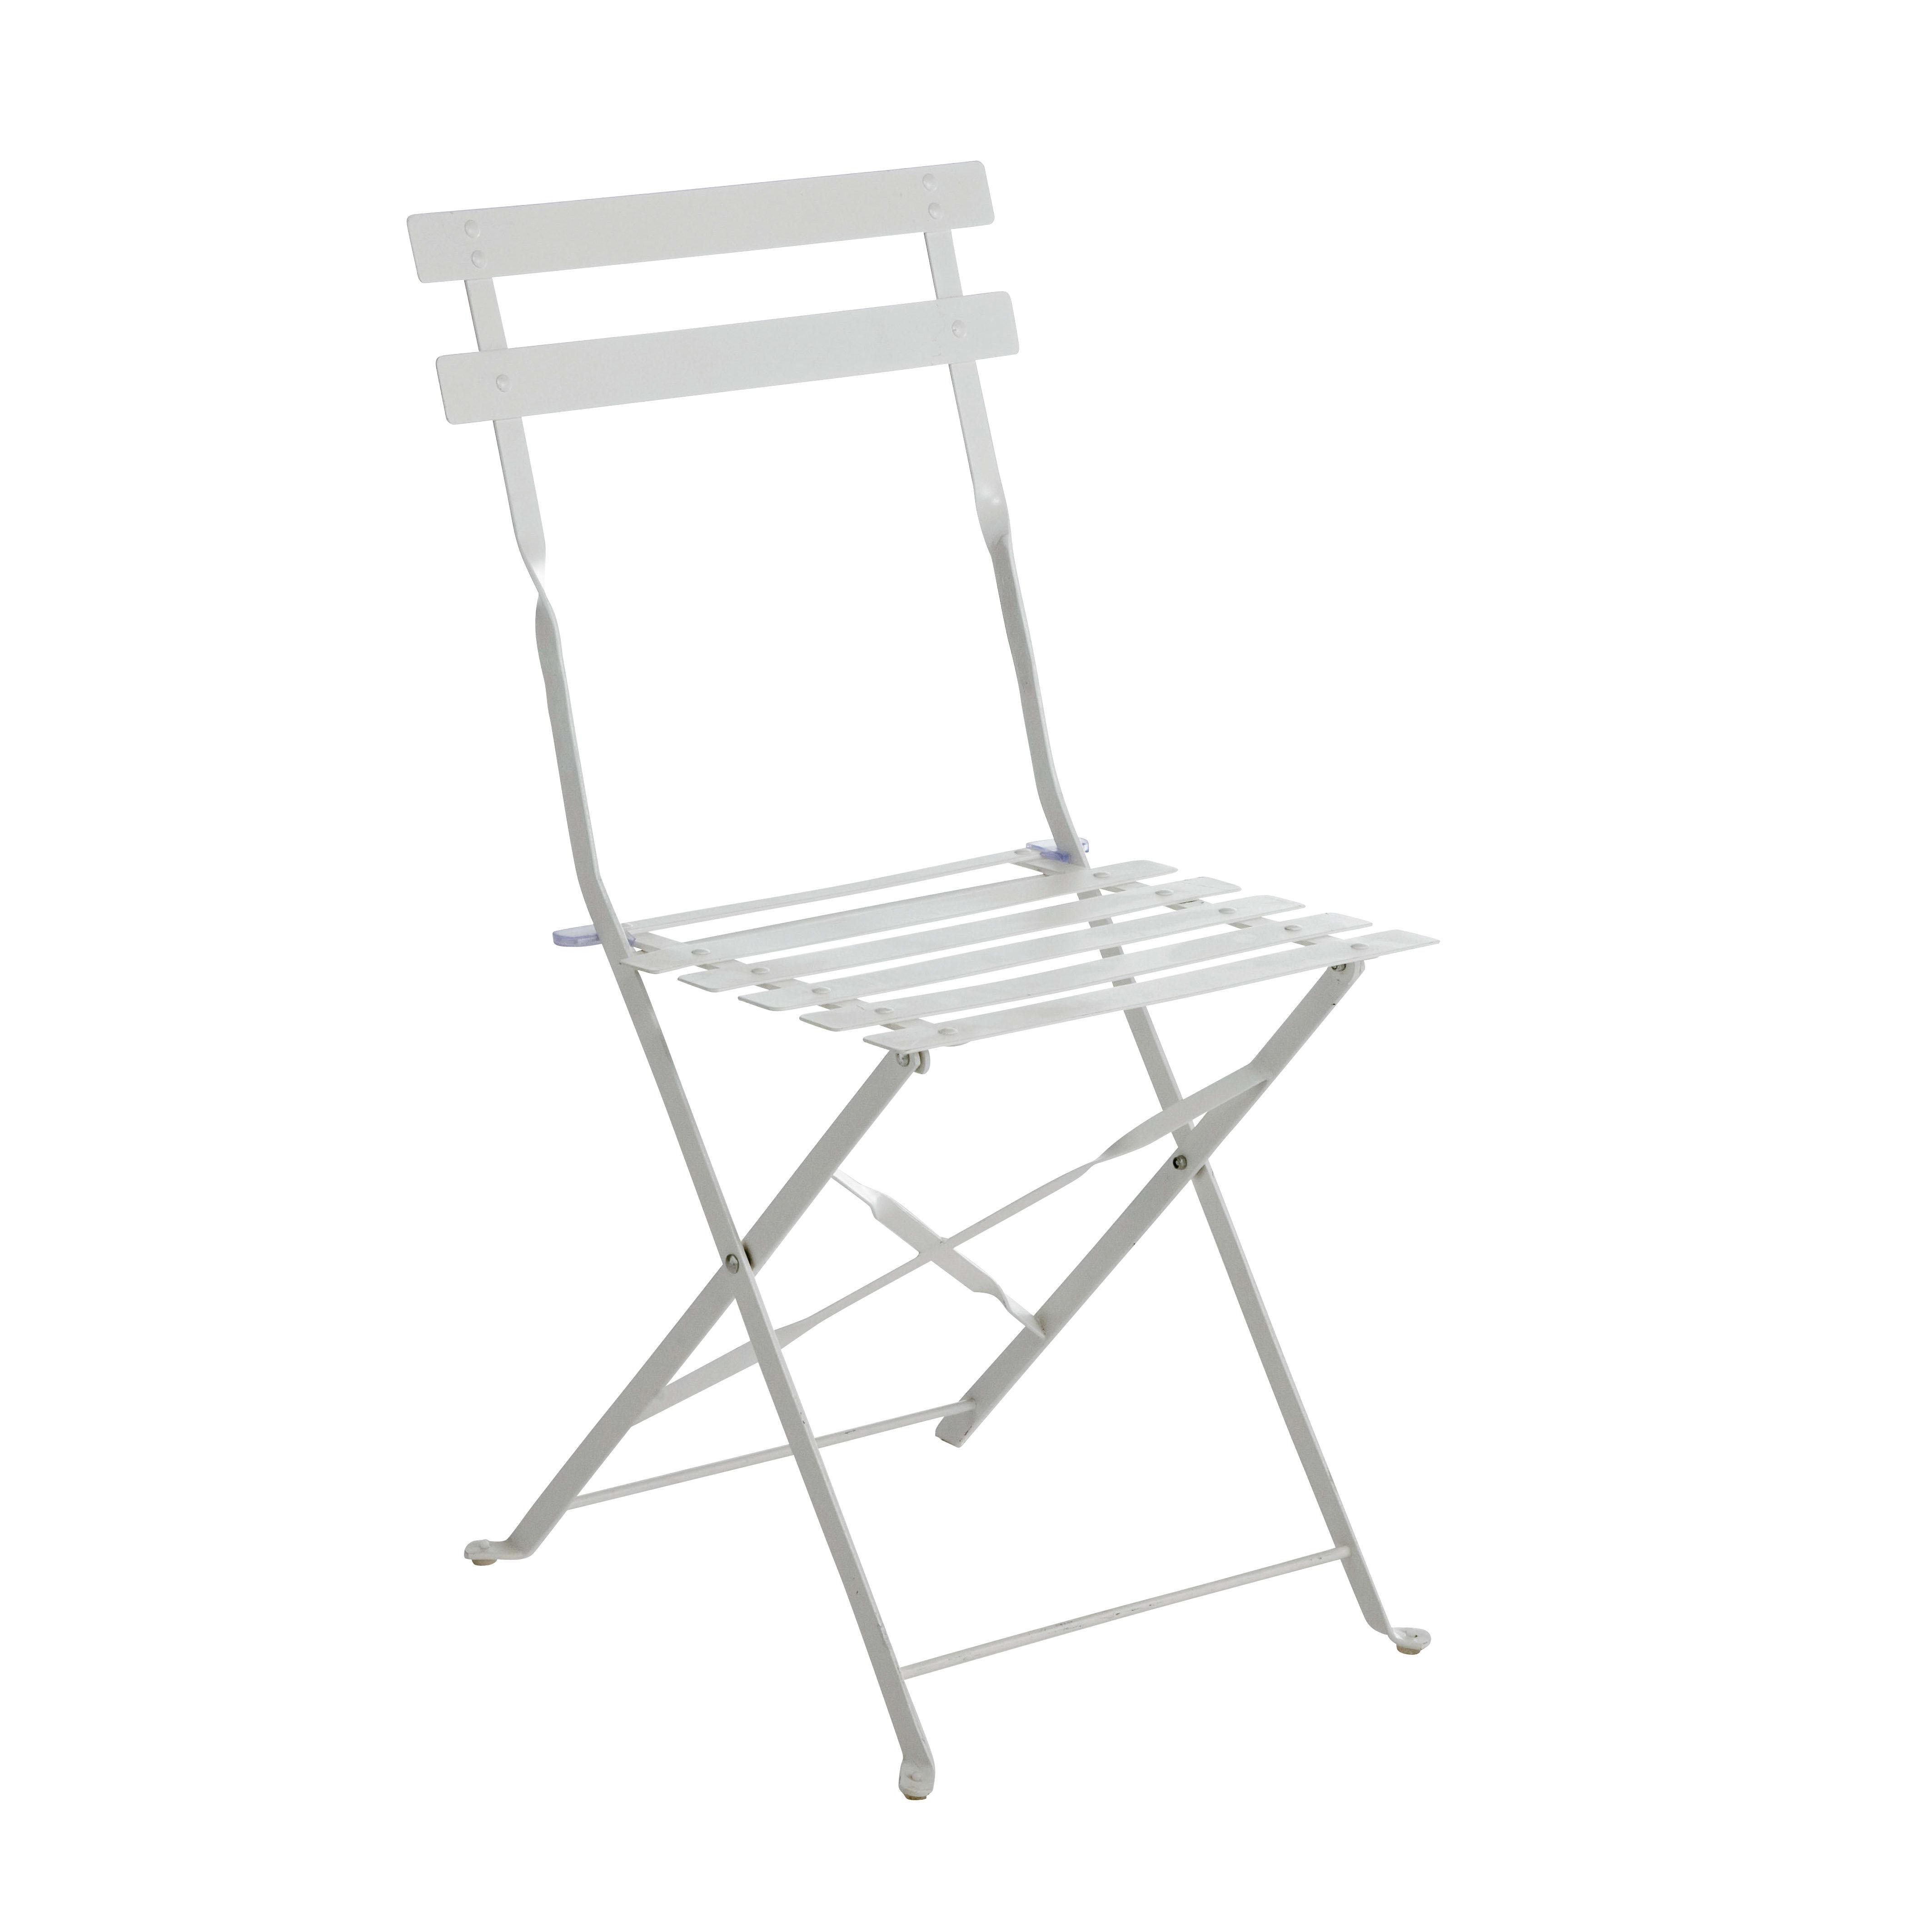 Sedie Pieghevoli In Offerta.Sedia In Acciaio Color Colore Bianco Prezzi E Offerte Online